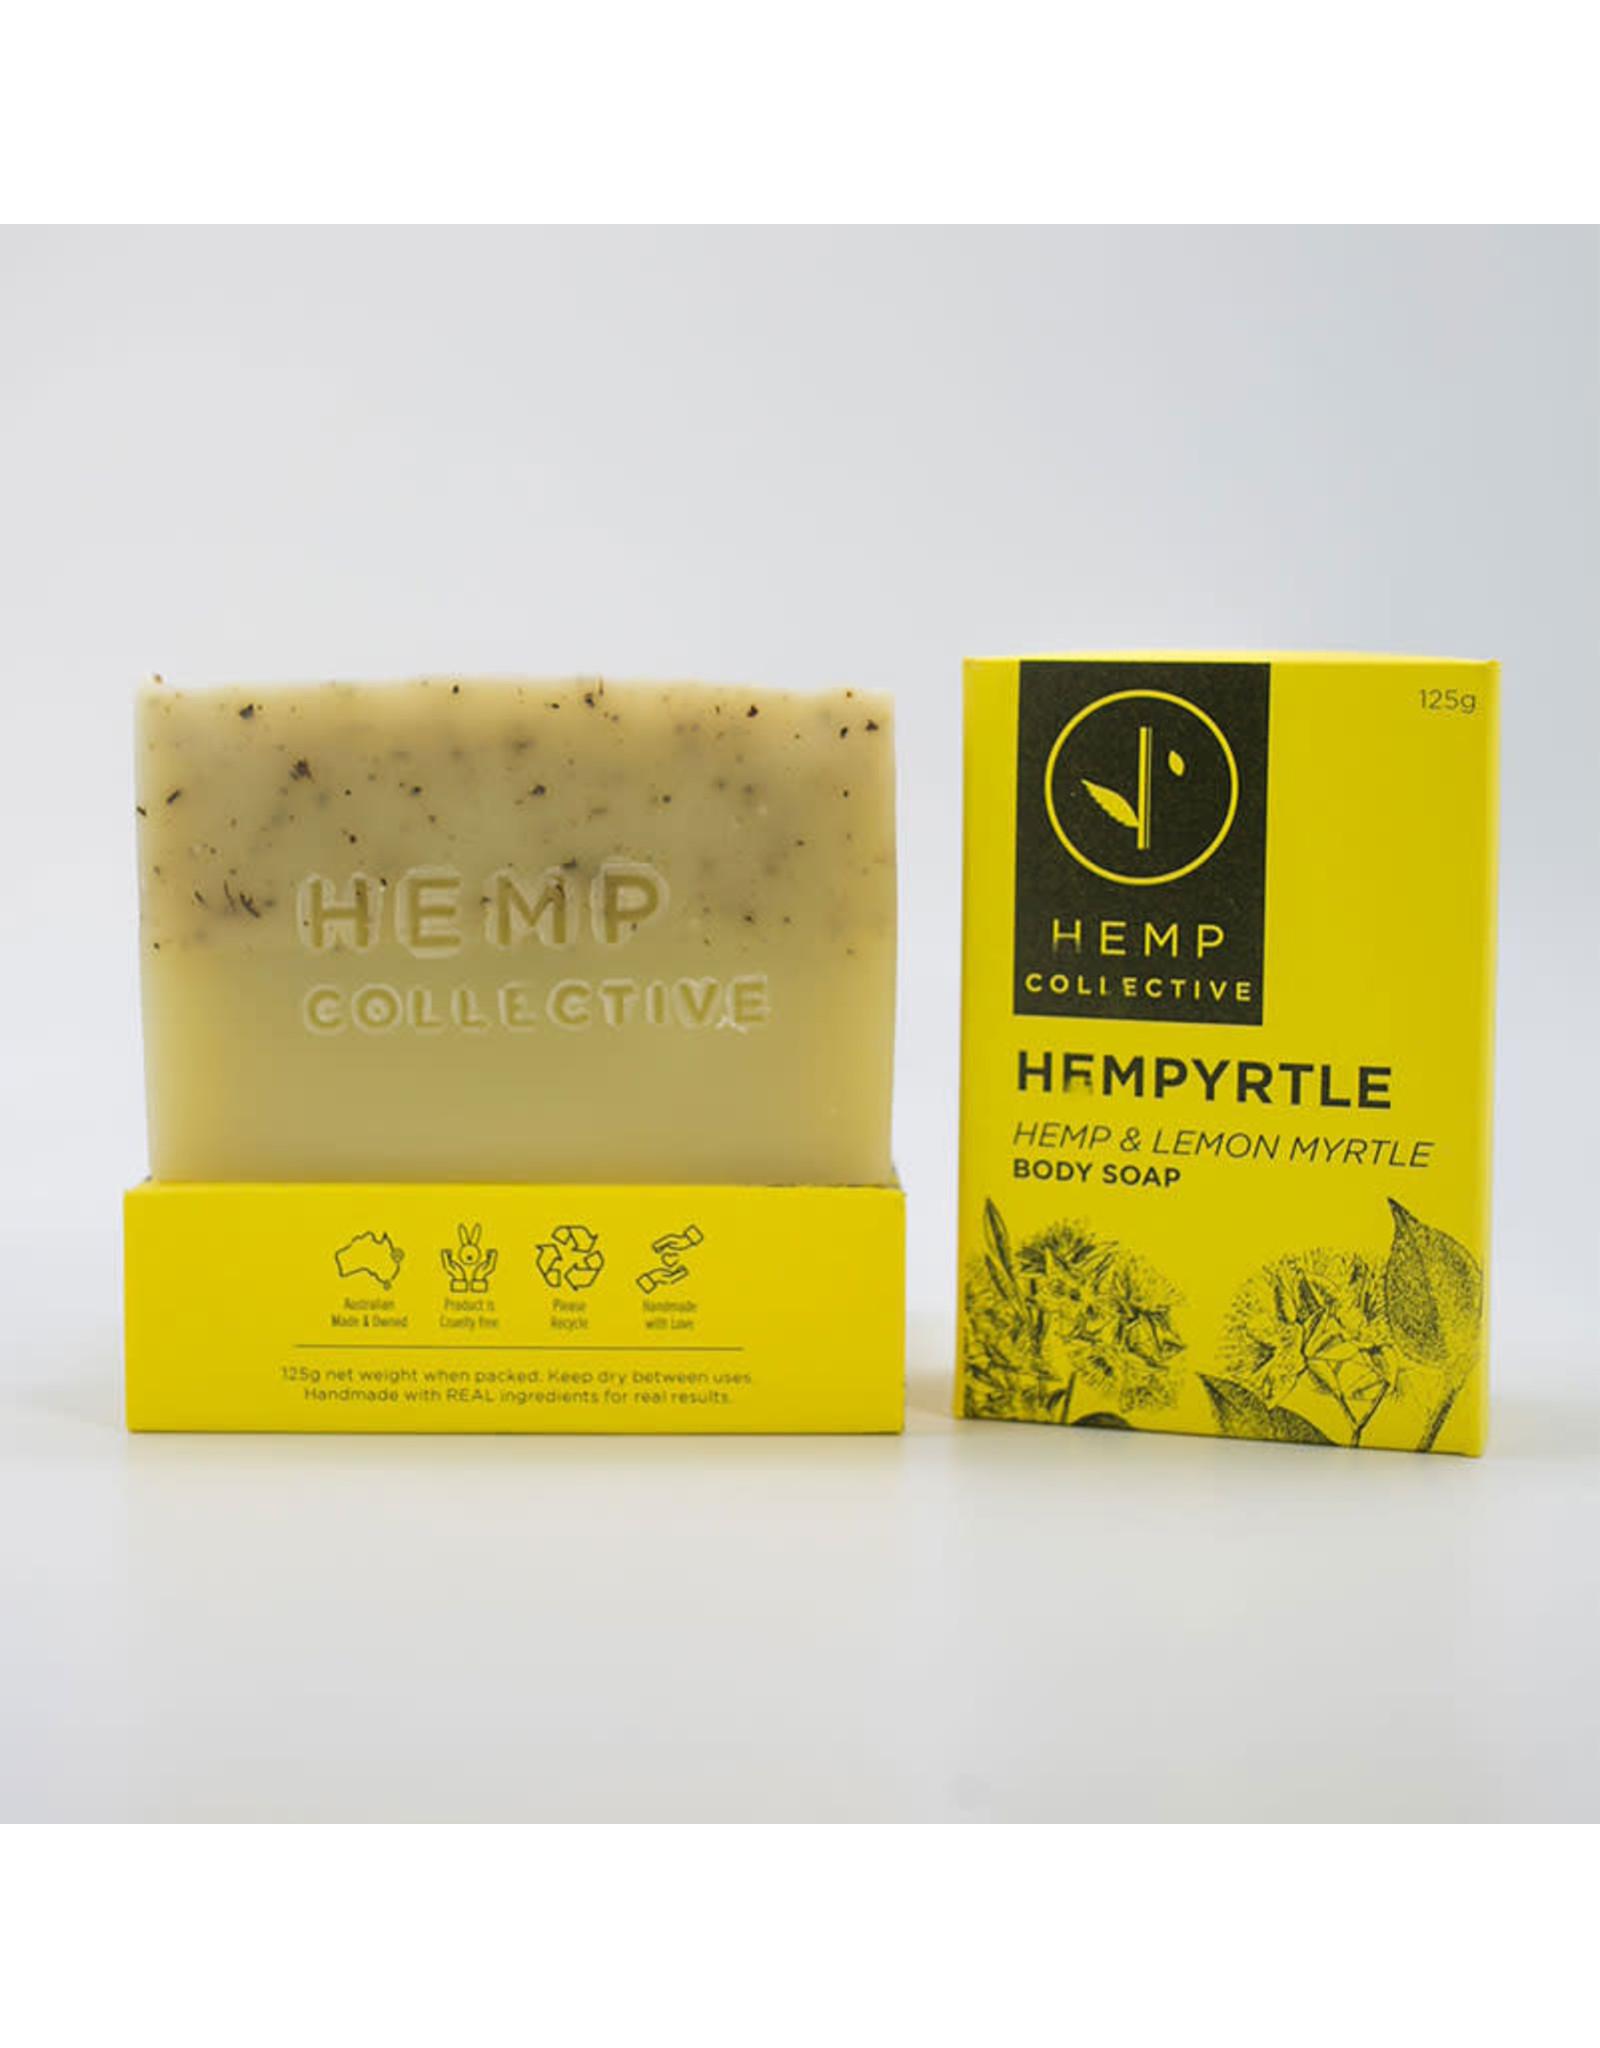 Hemp Collective Hemp & Lemon Myrtle Body Soap